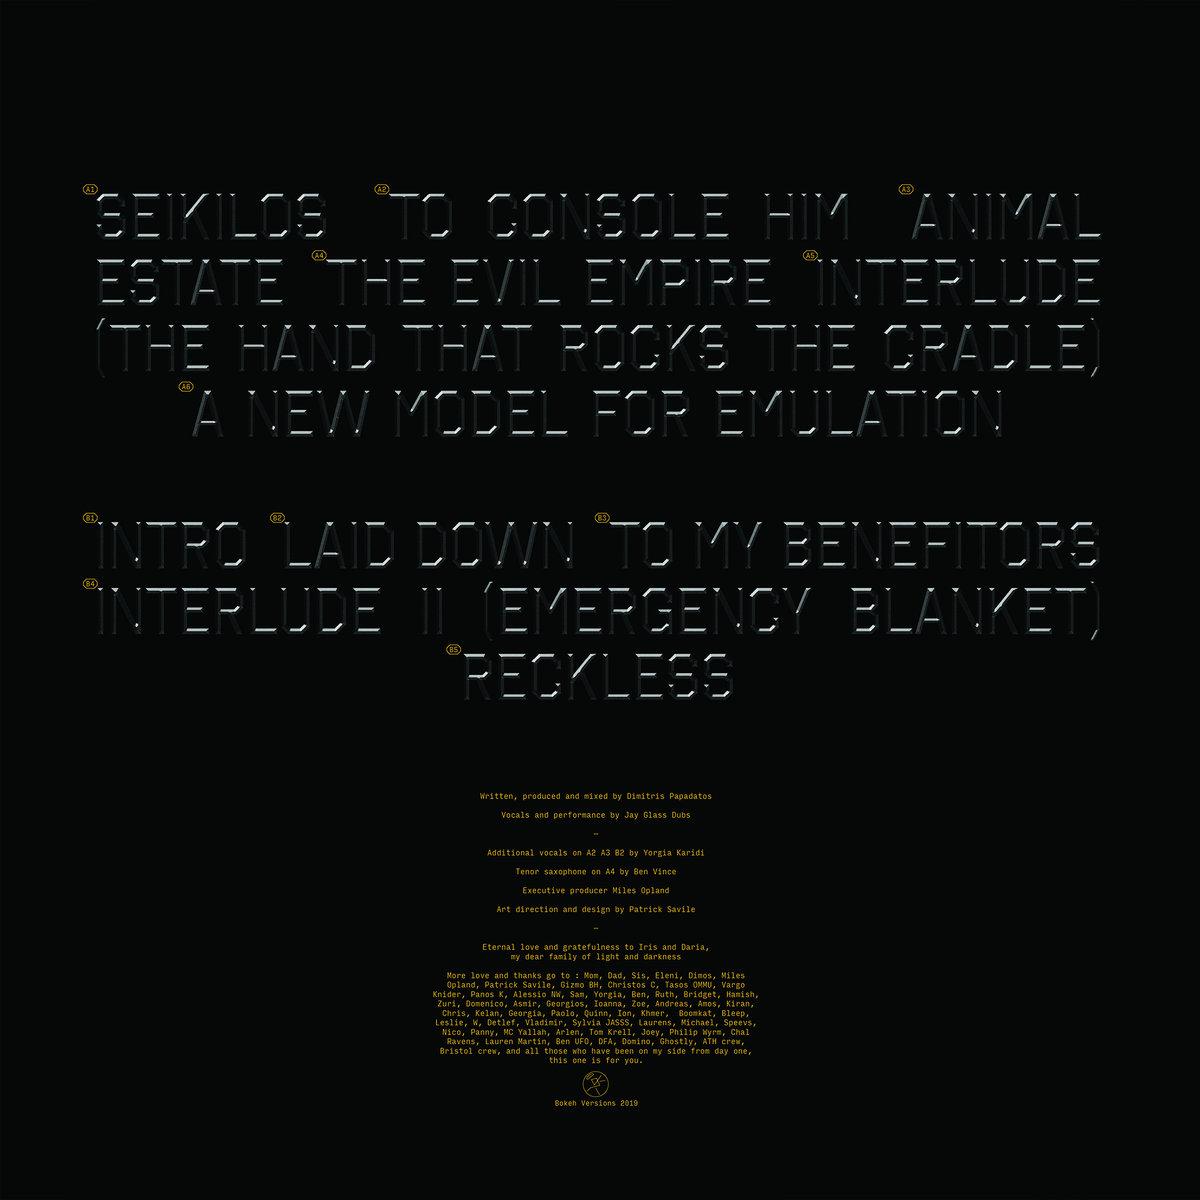 Epitaph | Bokeh Versions